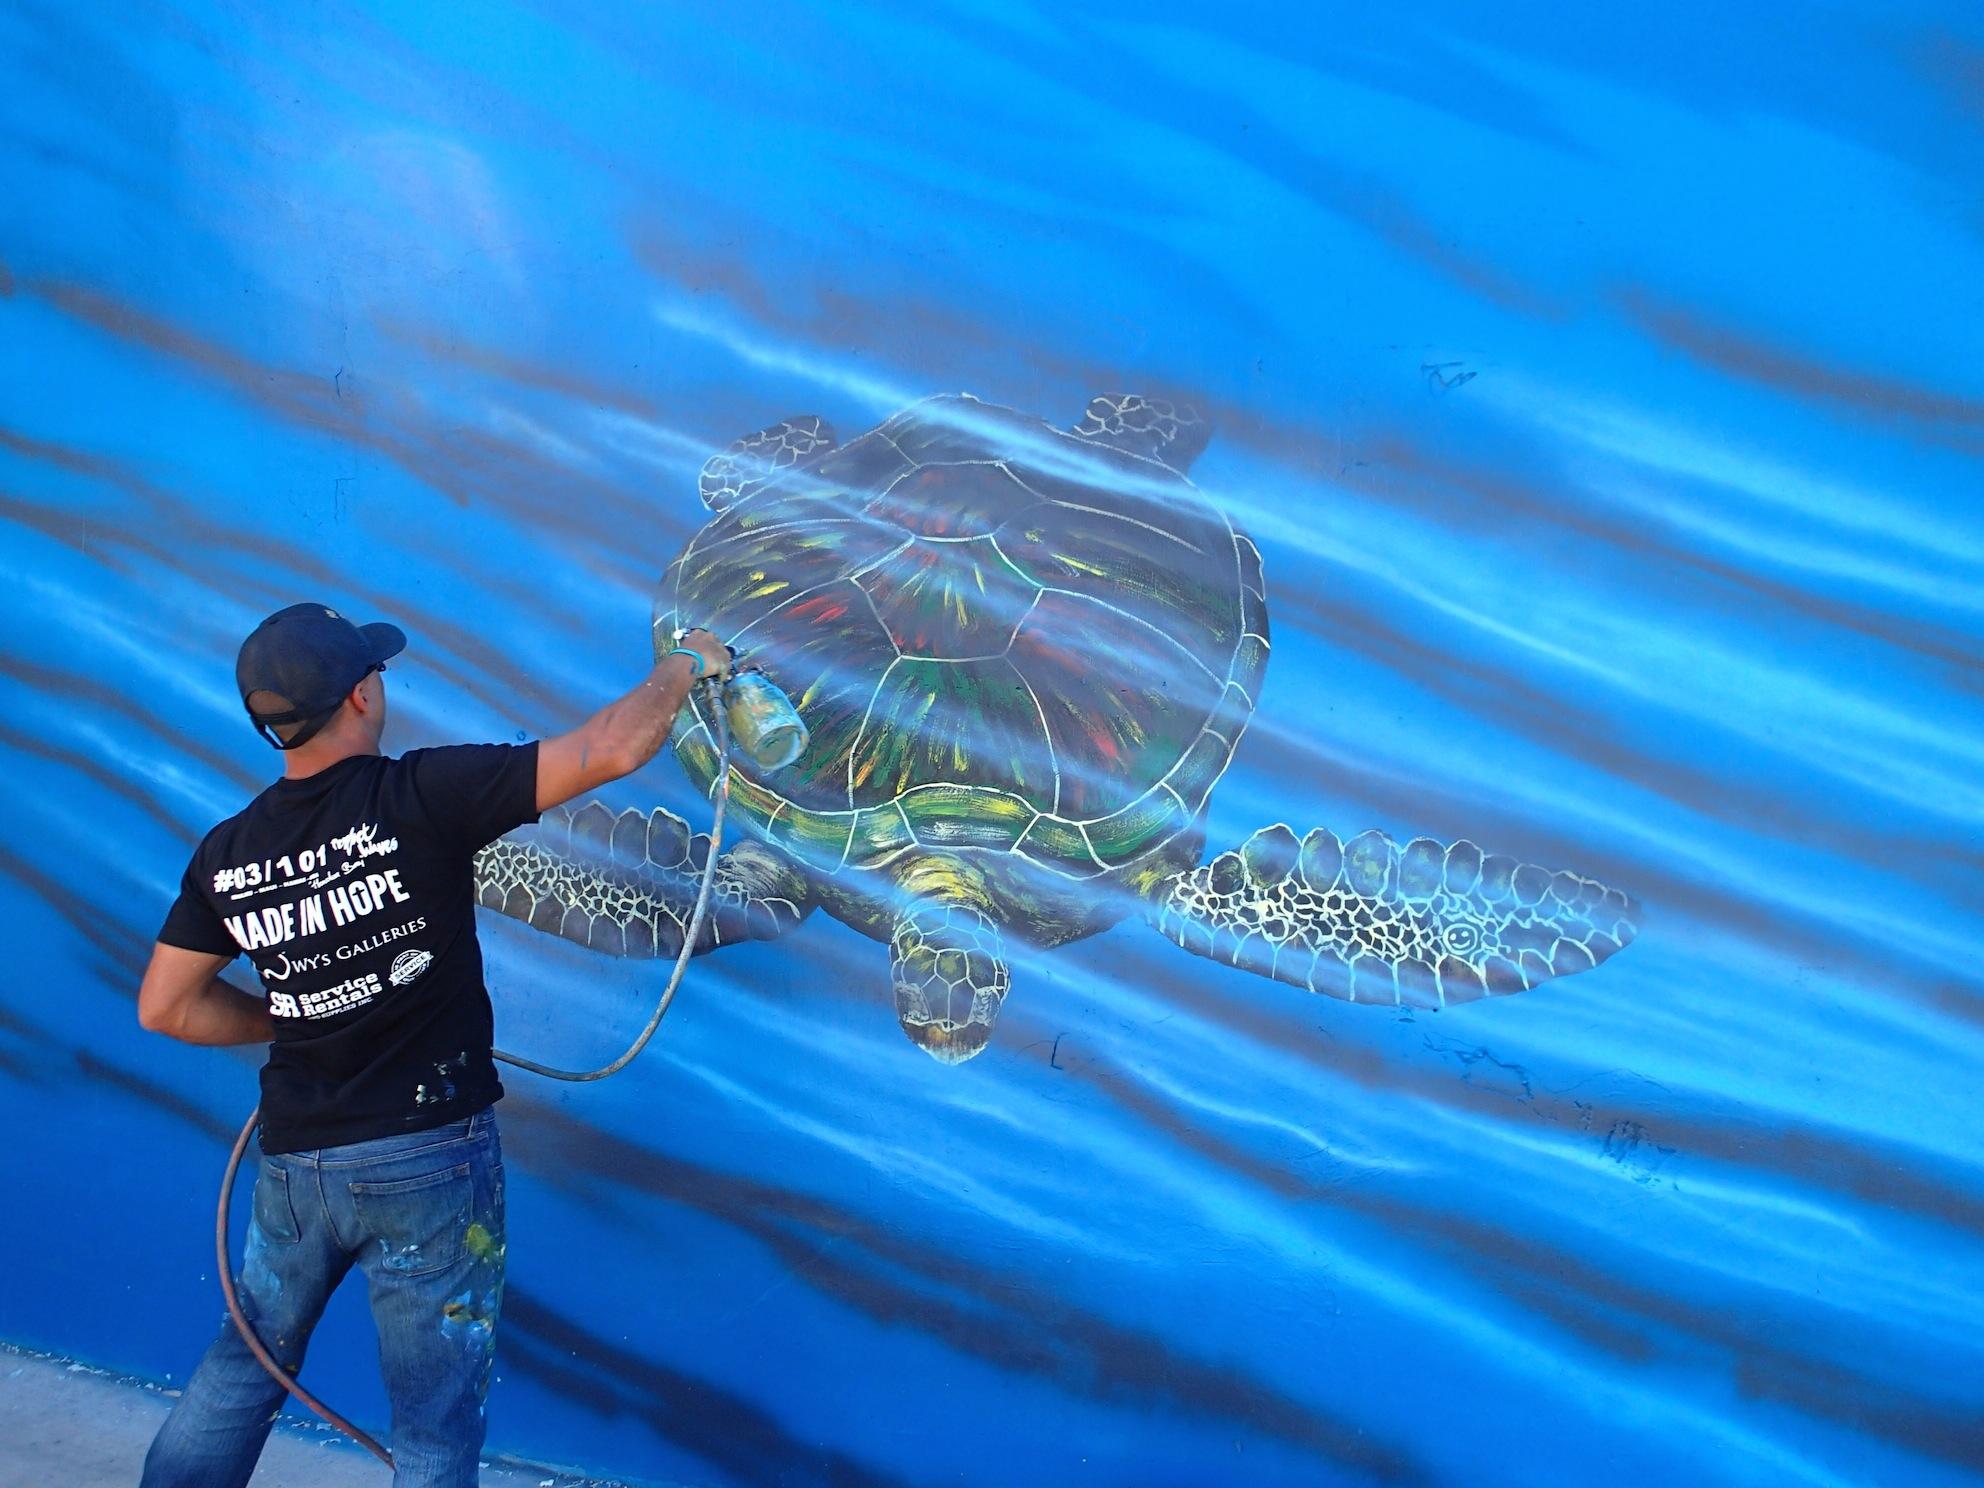 Hilton Turtle 2 Mural Hilton Alves Paints 3rd Perfect Wave Mural of 101